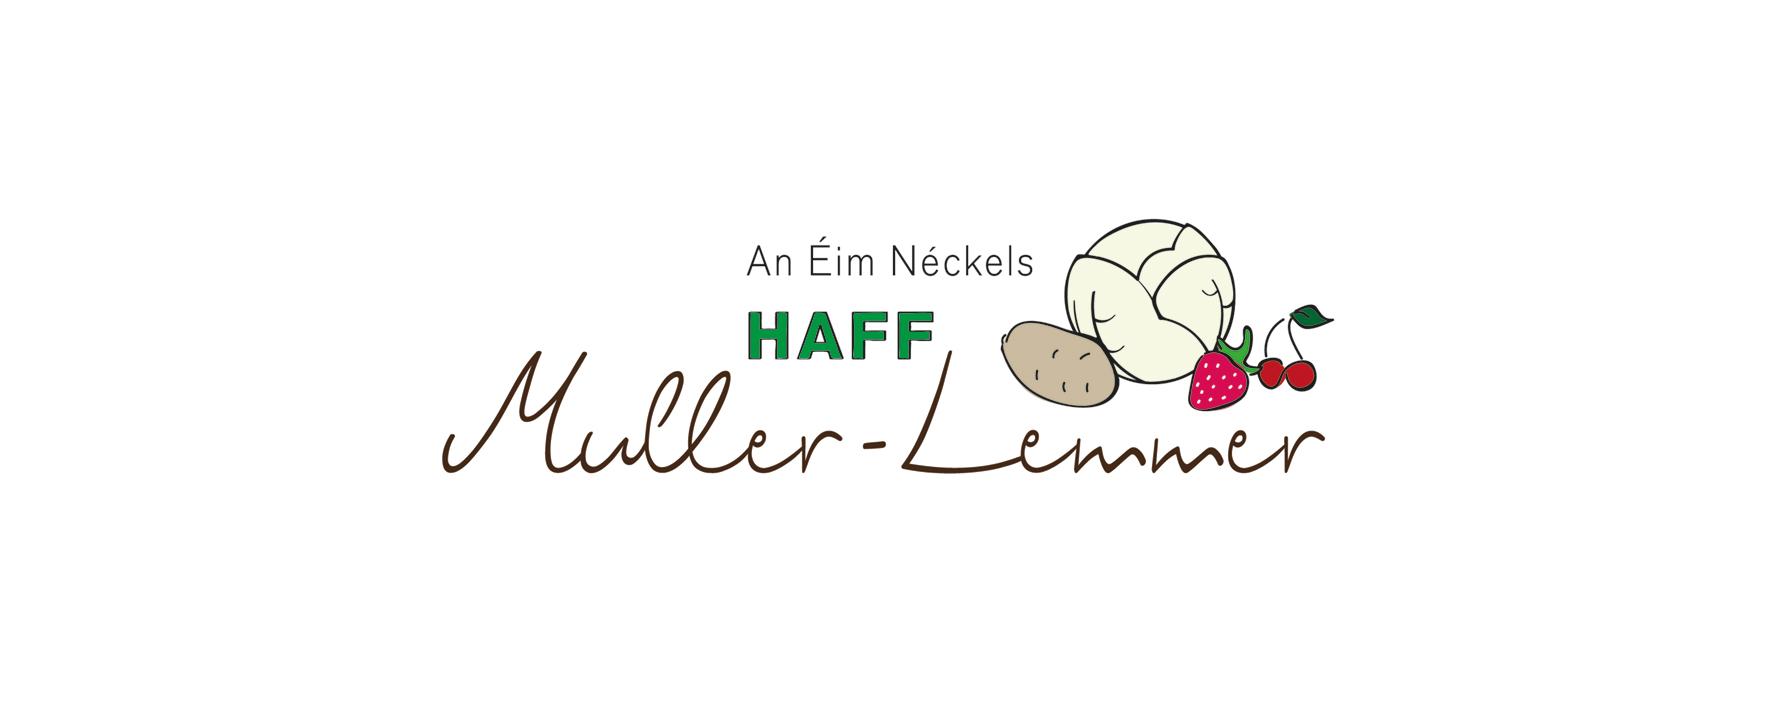 Haff Muller-Lemmer_logo